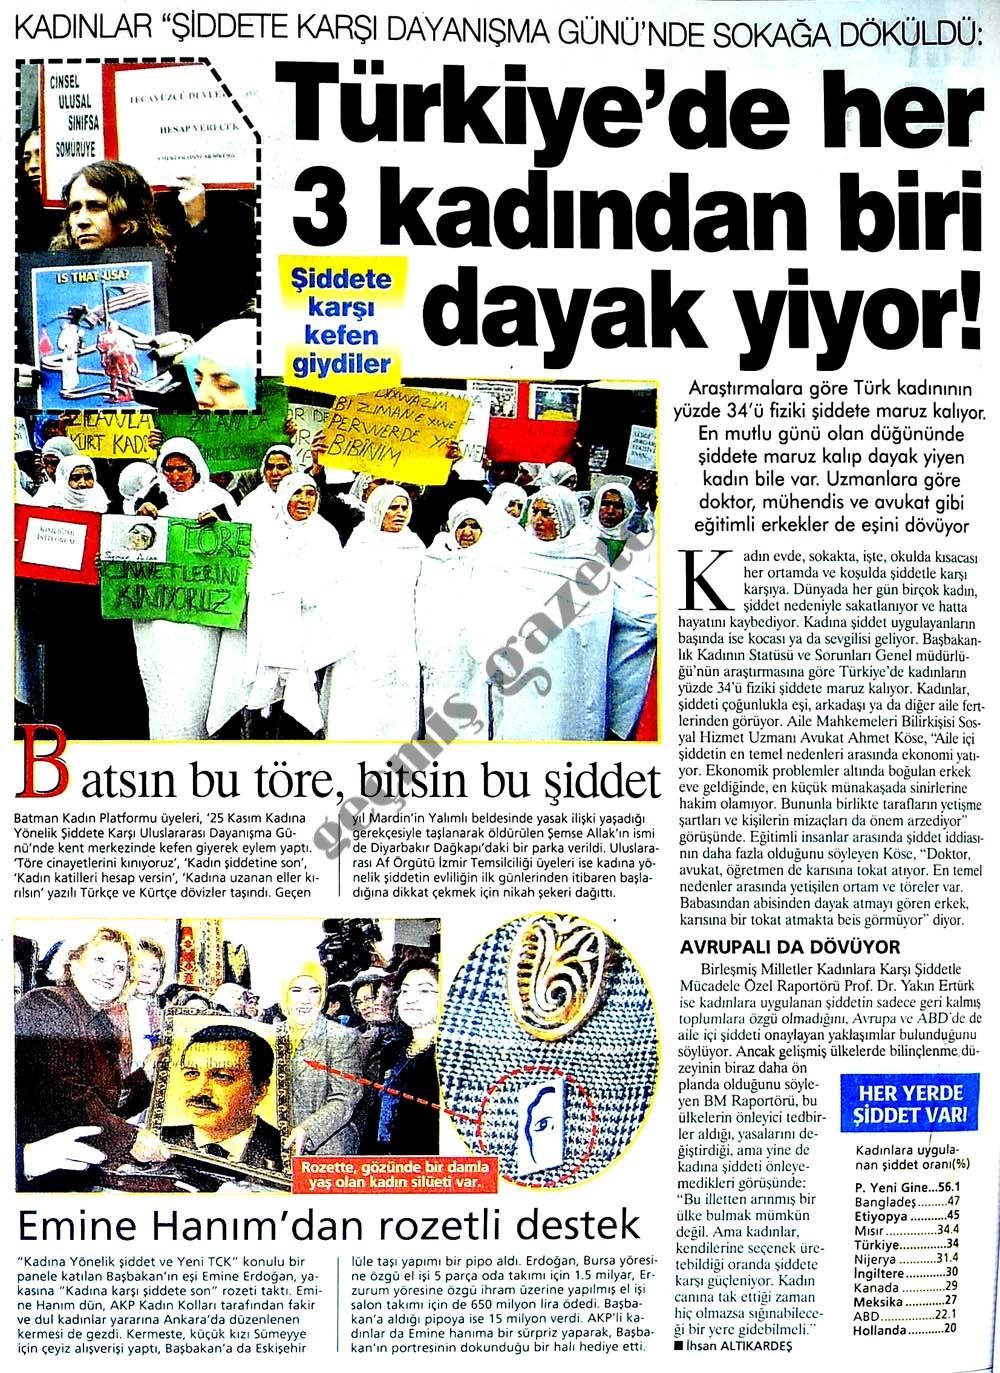 Türkiye'de her 3 kadından biri dayak yiyor